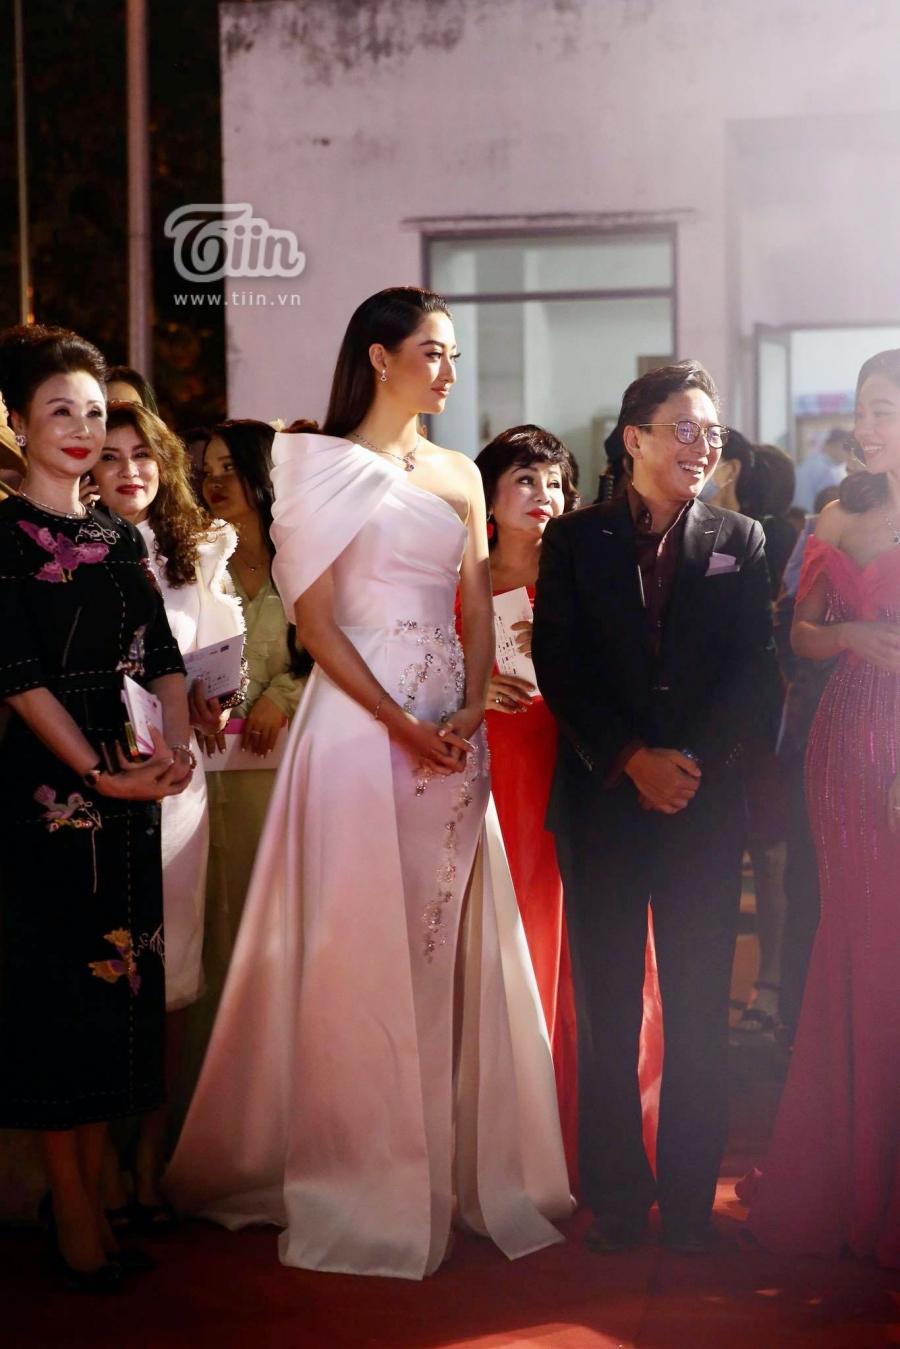 Thùy Linh đảm nhiệm vai trò MC cho đêm bán kết.